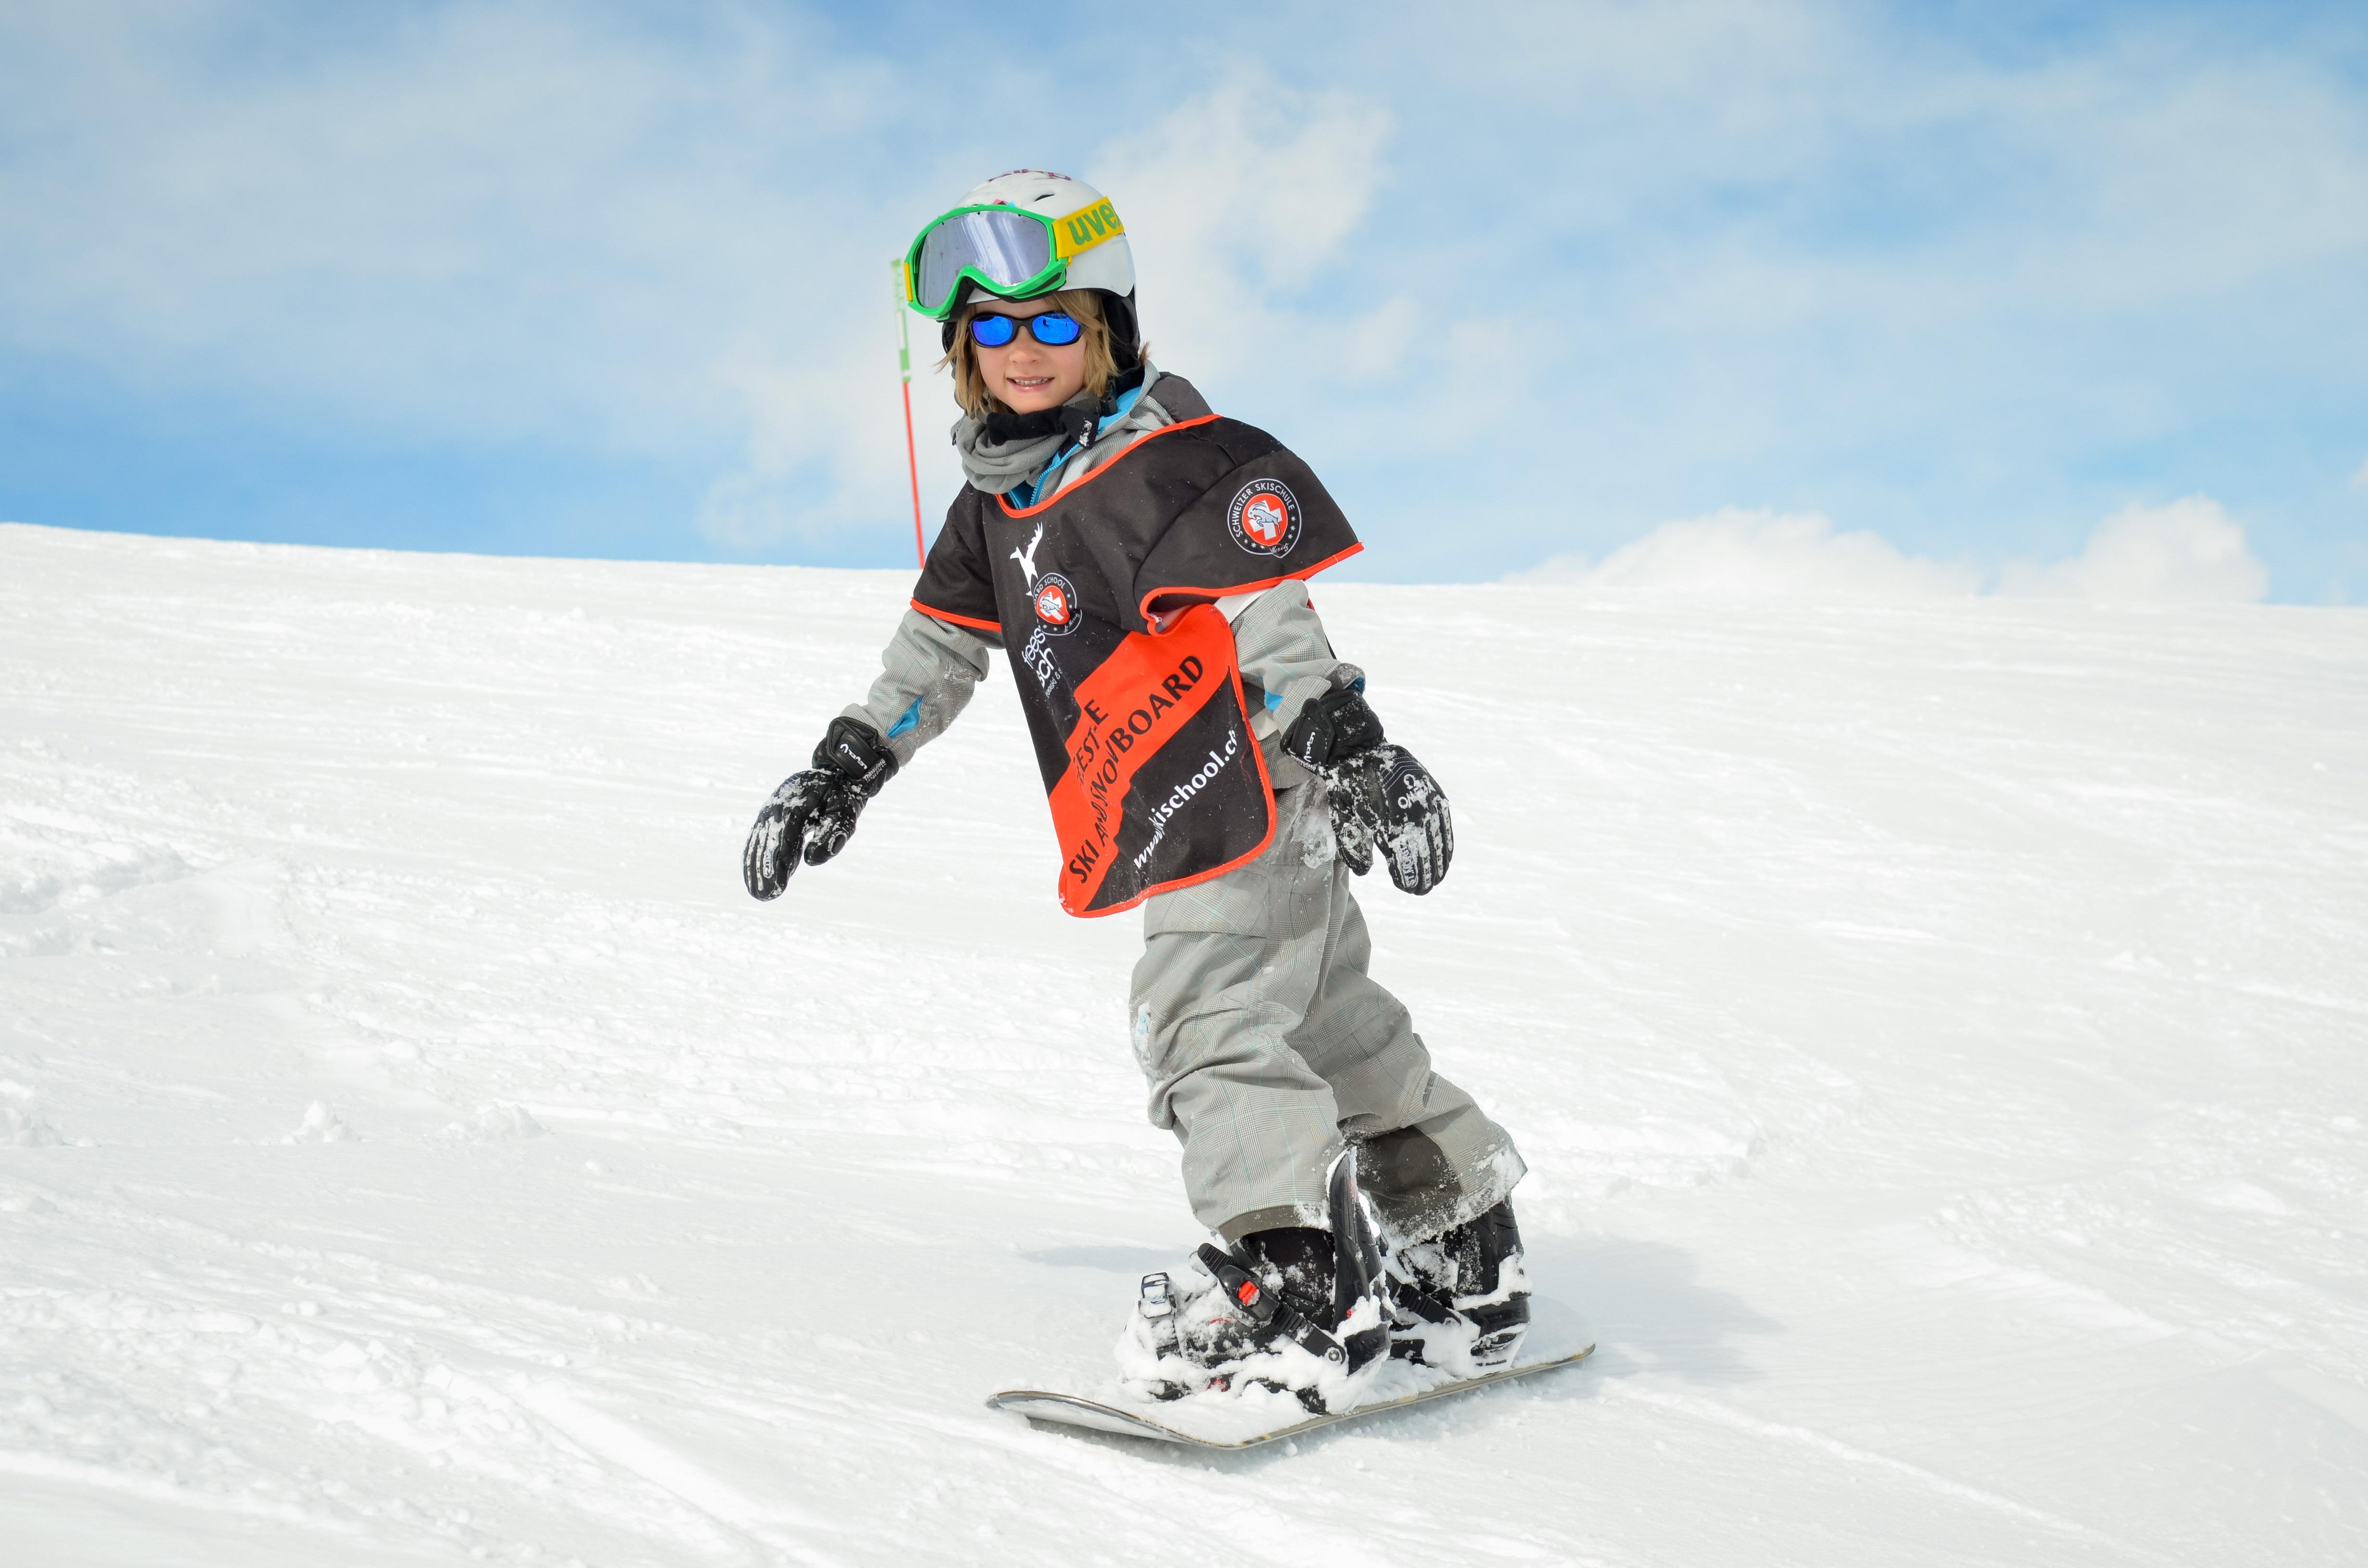 Schweizer Skischule St. Moritz Slide 5